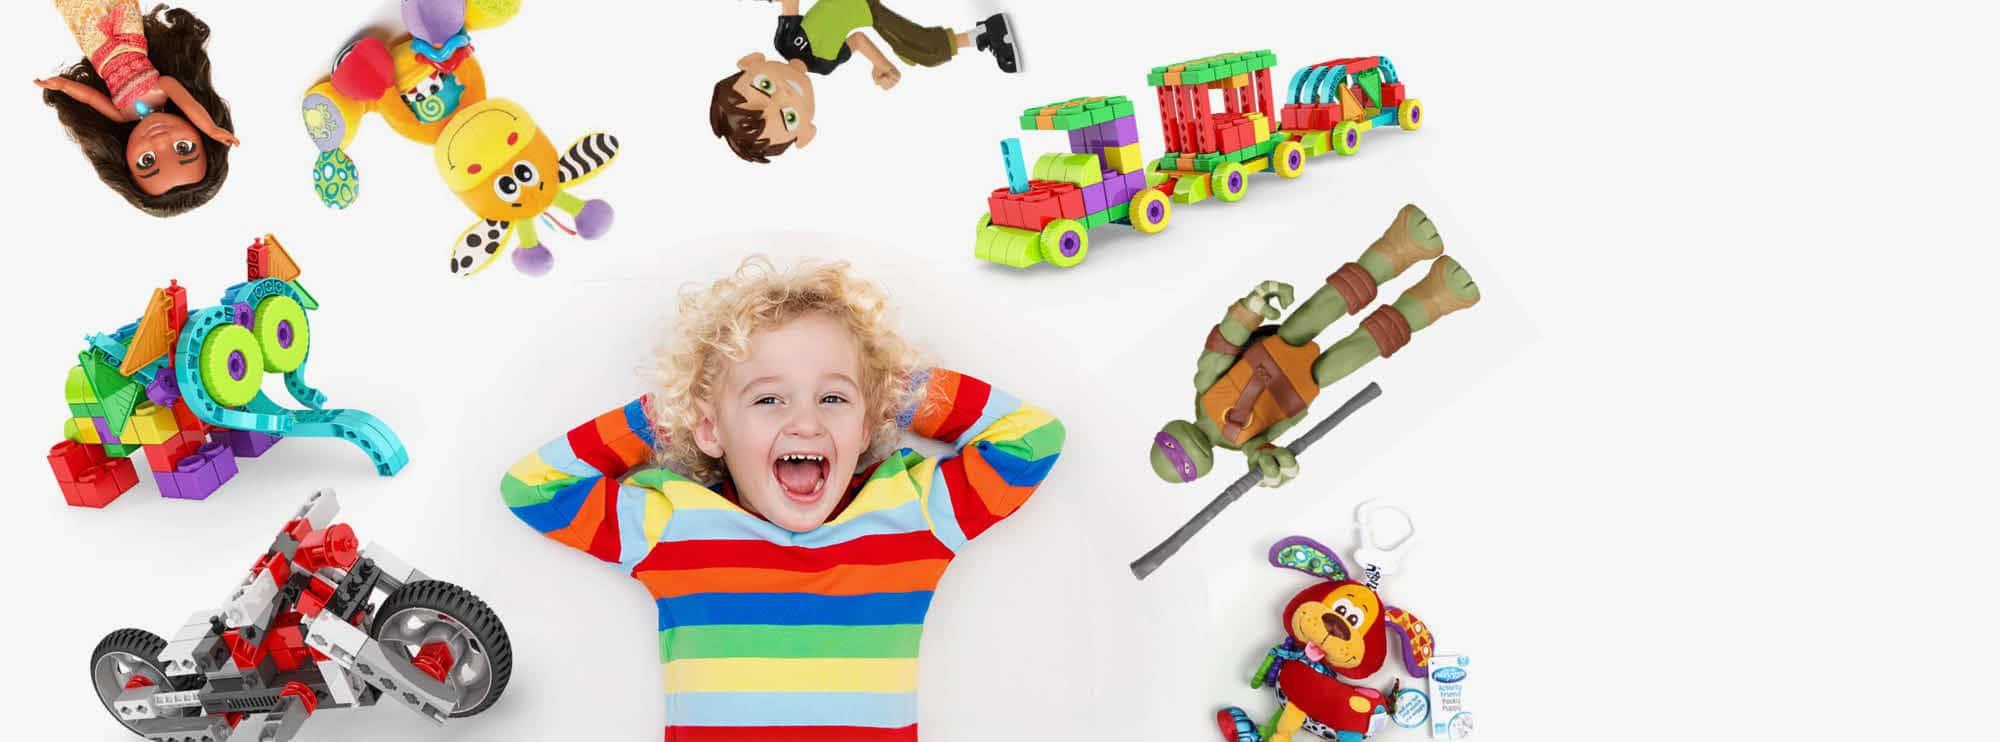 14 2 2 toys 2, סקייטבורד, יצירות, צעצועי תינוקות פלייגרו, מוצרי שיער ברבי